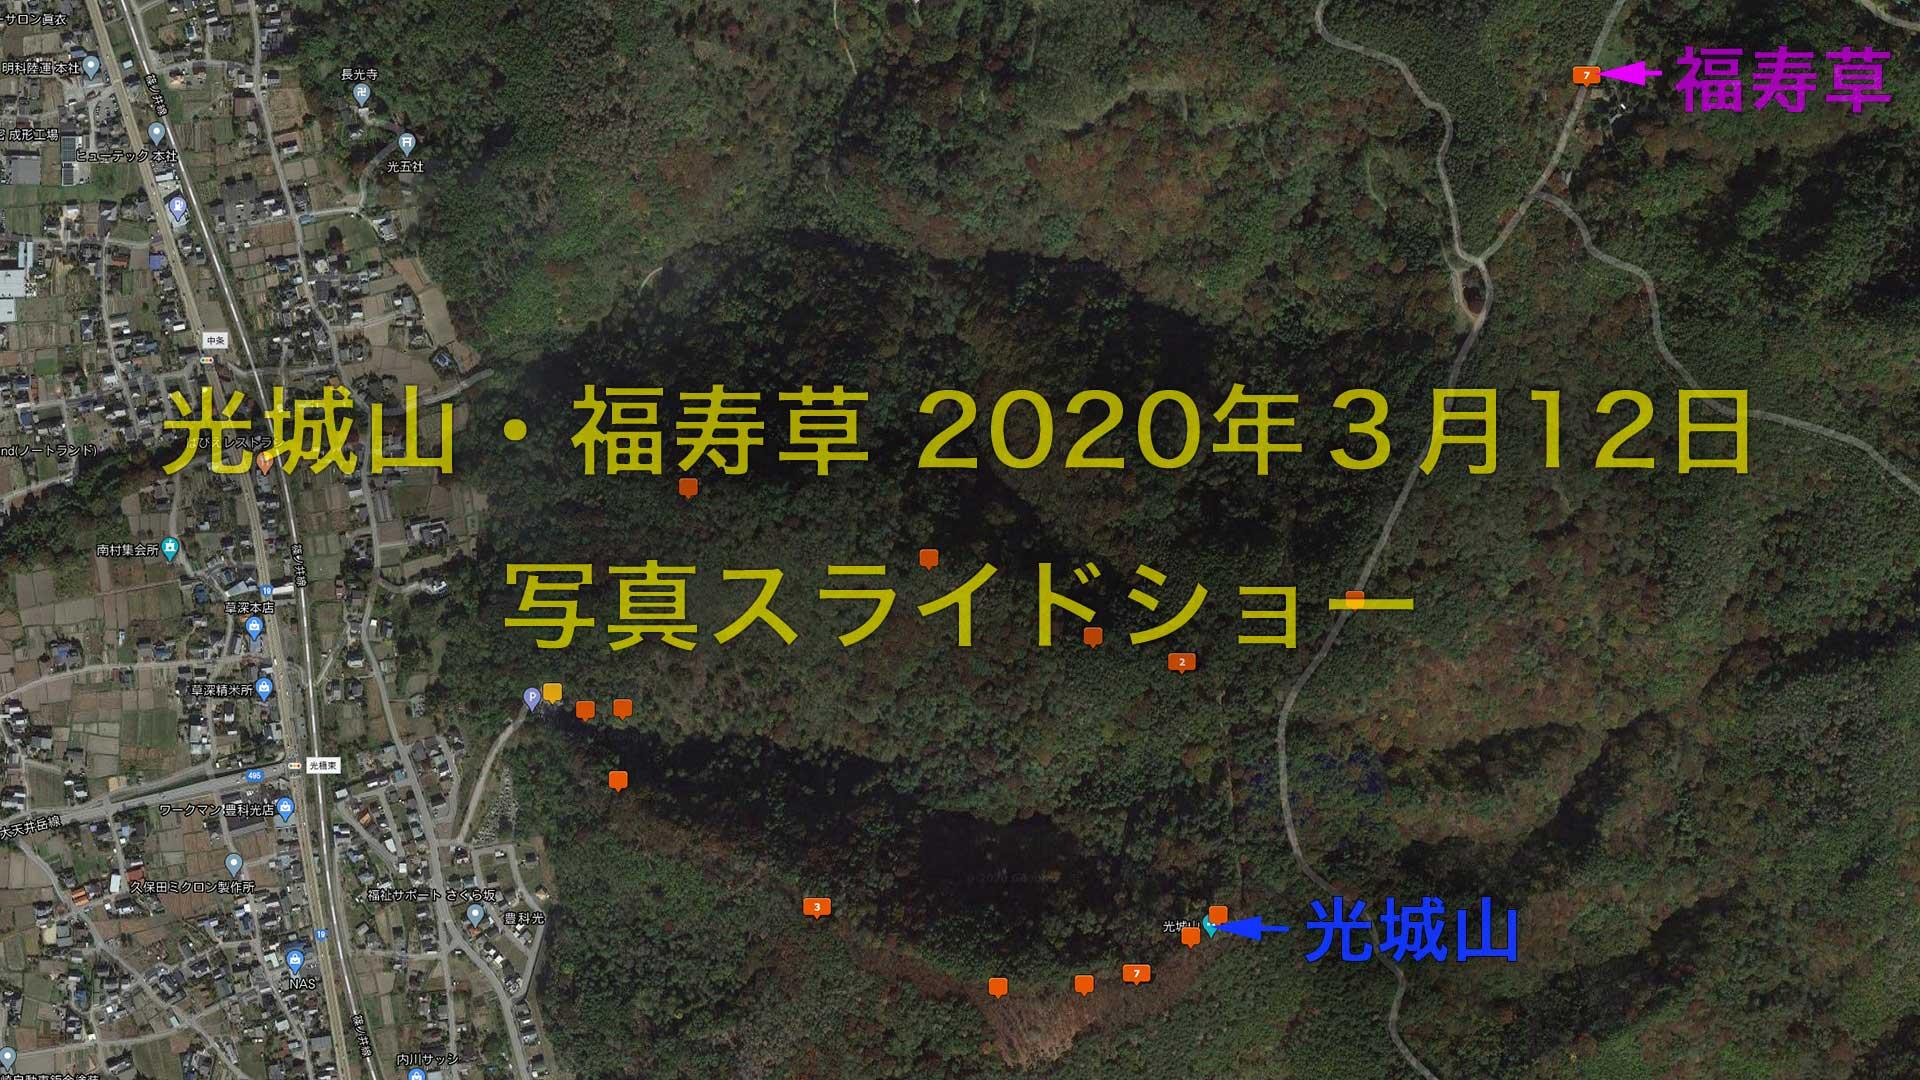 hikari312-1